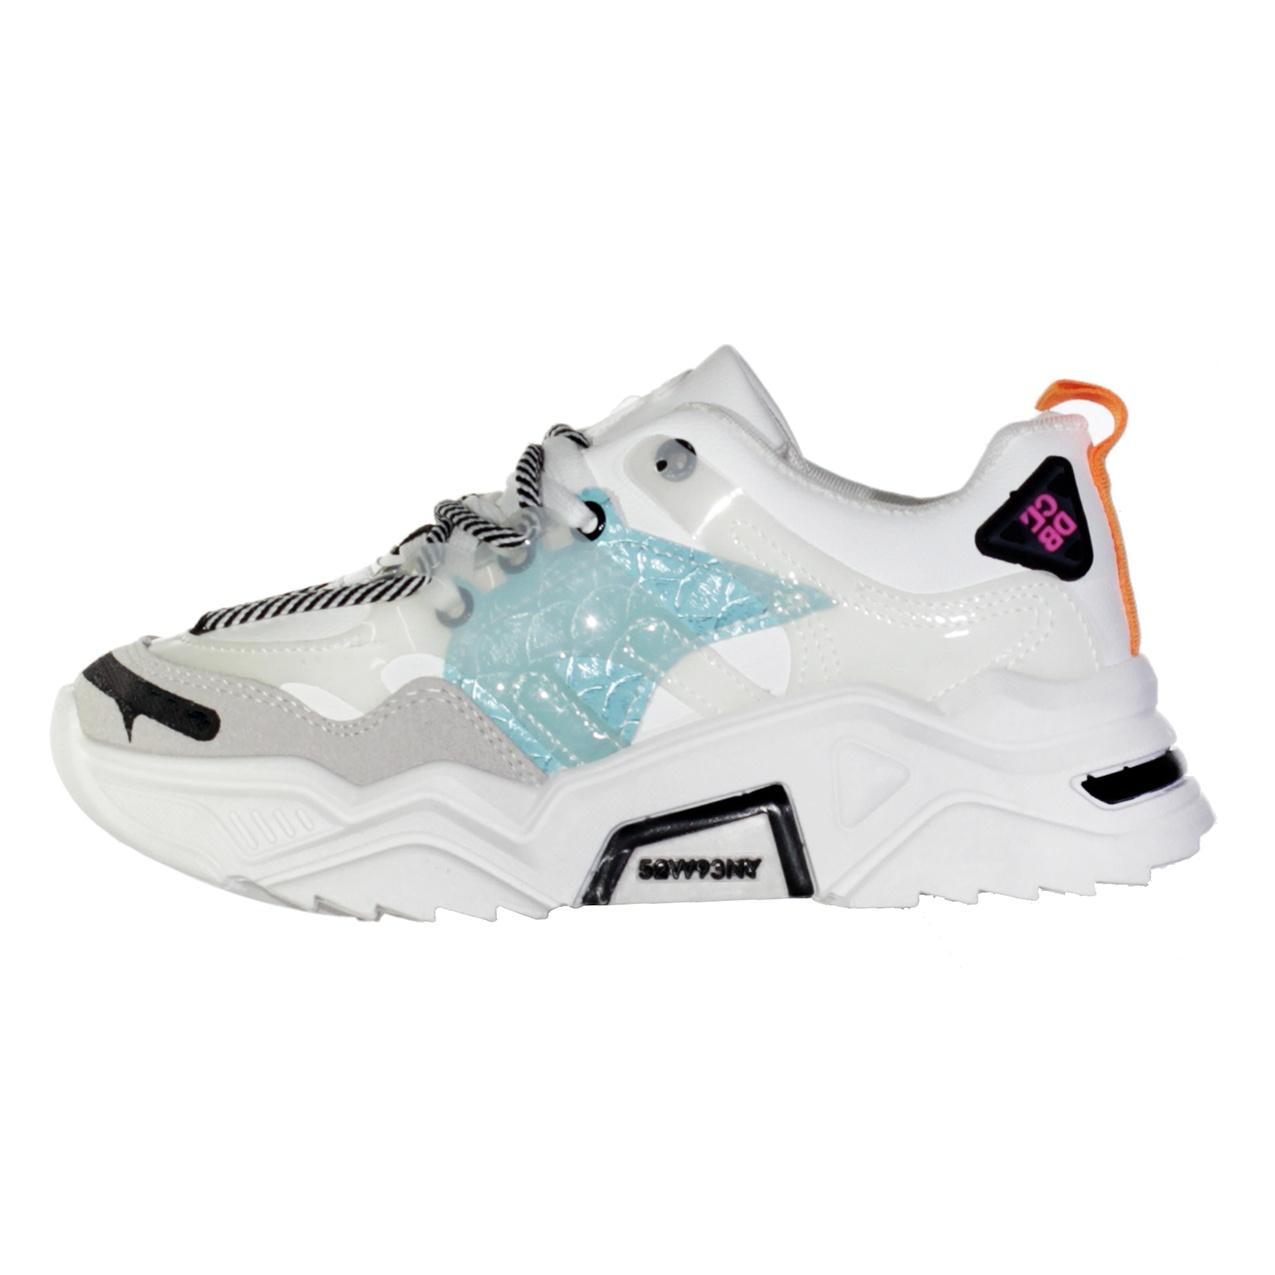 کفش مخصوص پیاده روی زنانه مدل Julianna کد 02